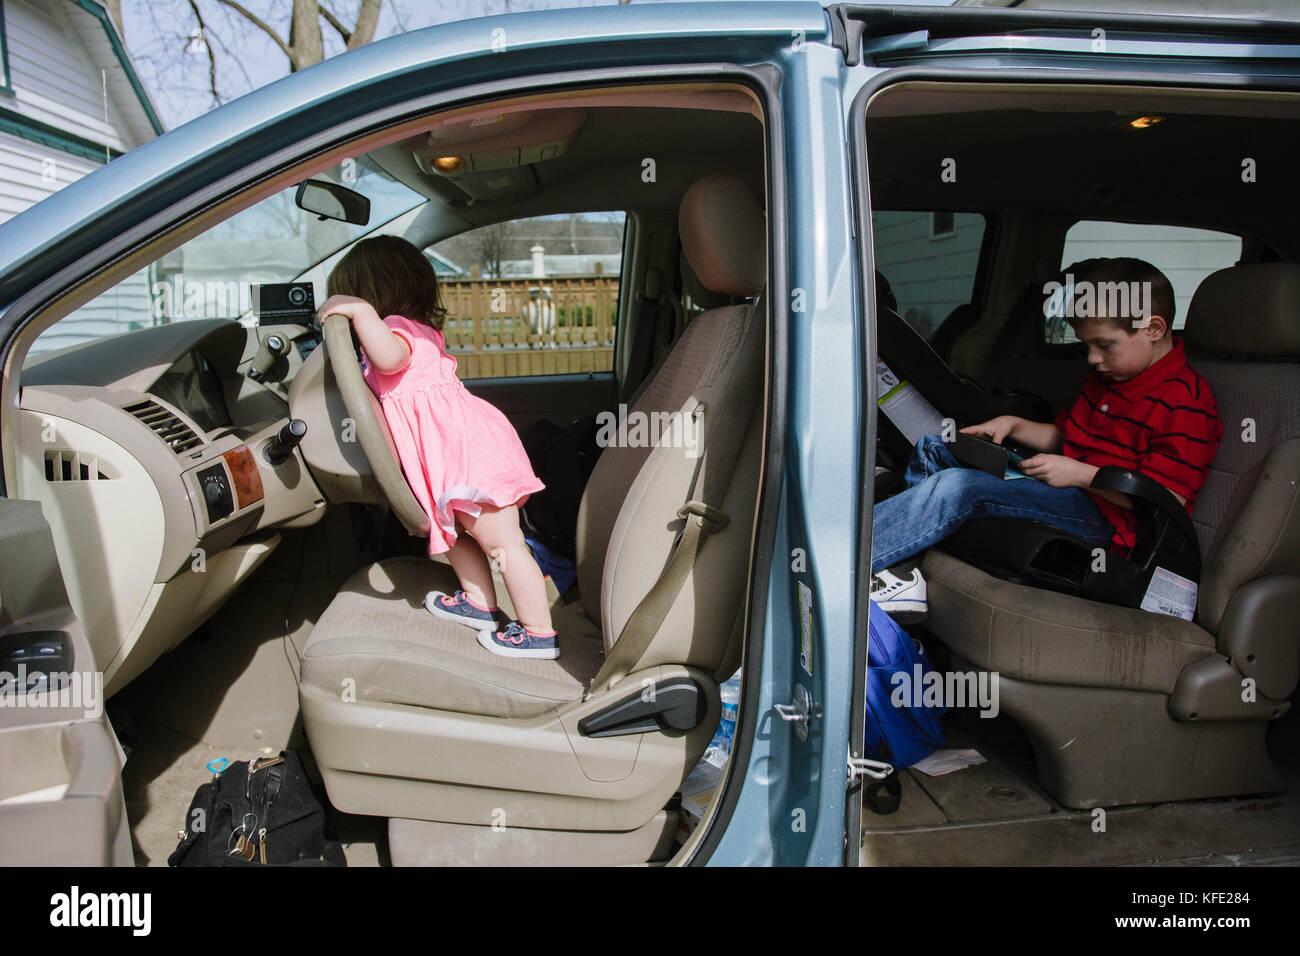 Deux enfants dans un van. Photo Stock